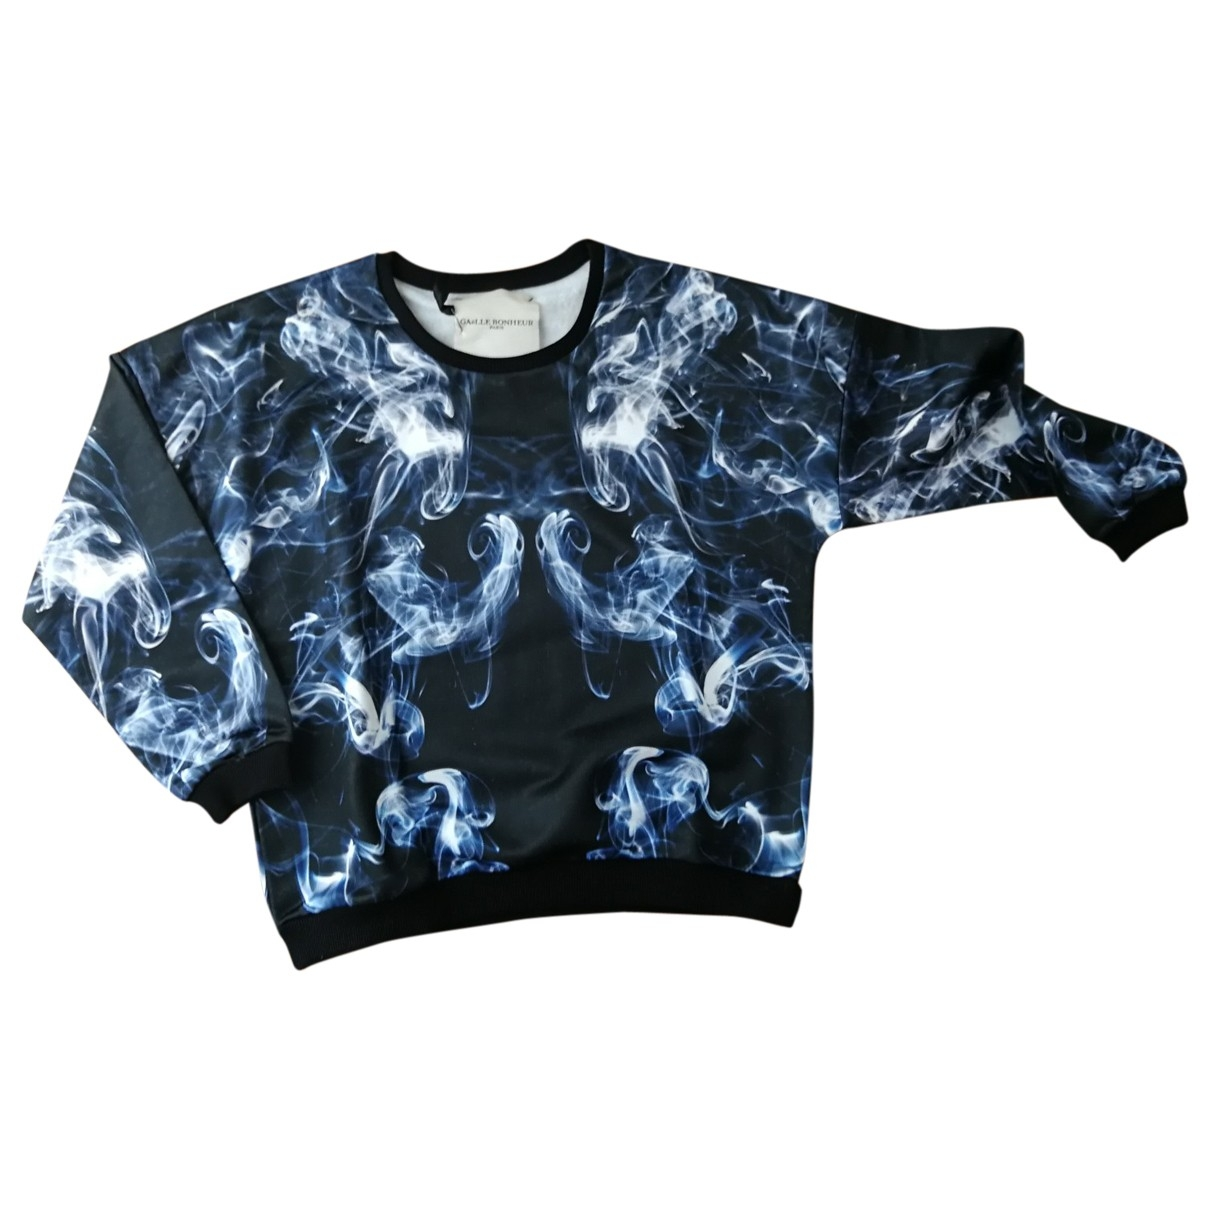 Gaelle Bonheur \N Pullover in  Blau Synthetik